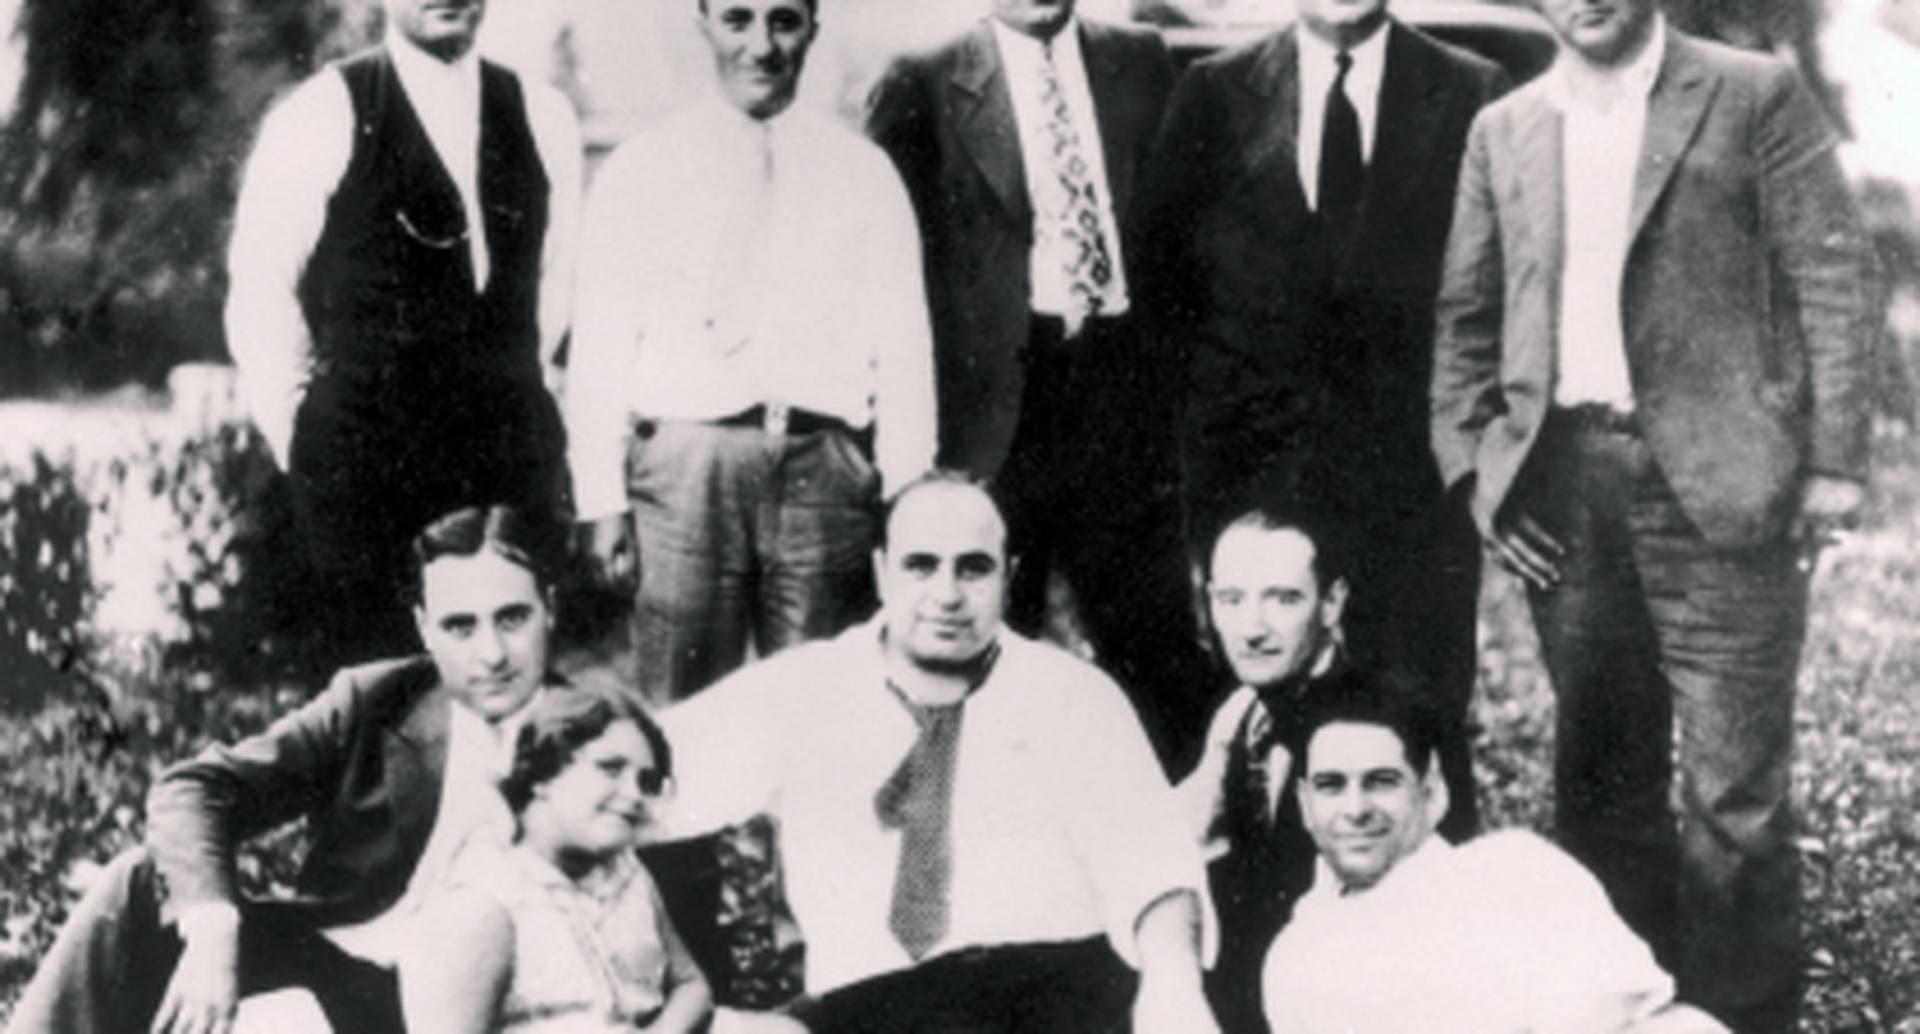 Muchos de los parientes de Capone decidieron cambiar su apellido para no ser relacionados con él. En la foto aparece con algunos familiares y amigos durante un picnic en Chicago.